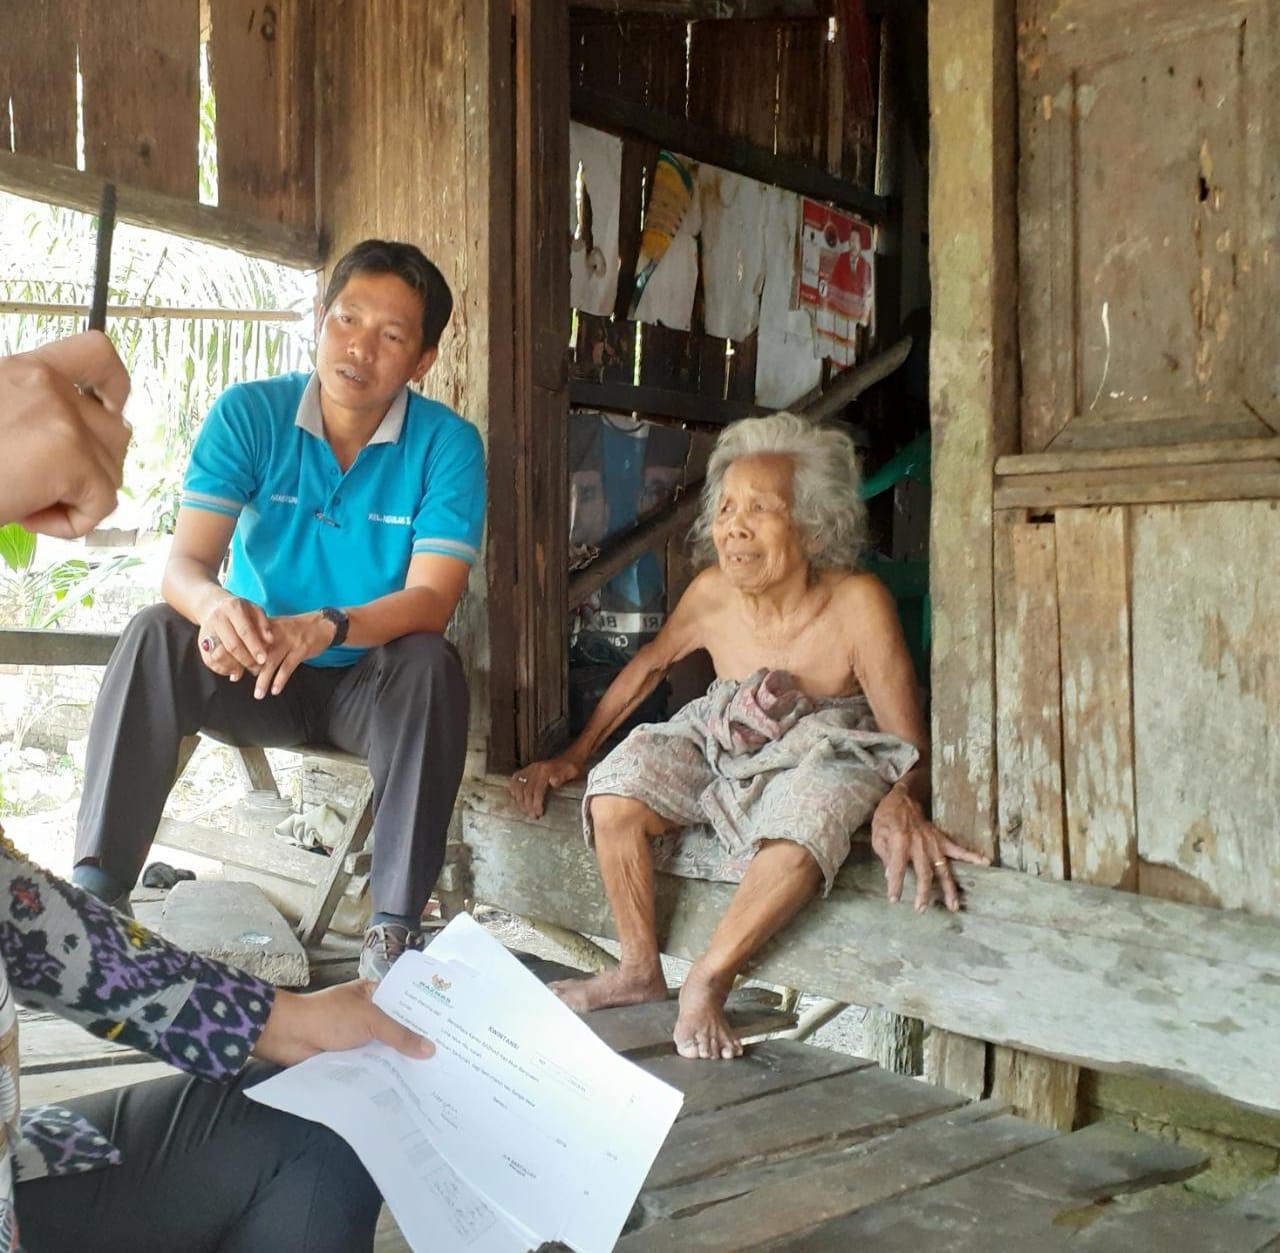 baznaz-muba-salurkan-bantuan-bagi-warga-kurang-mampu-di-desa-ngulak-1-muba320gx1572753142.jpg